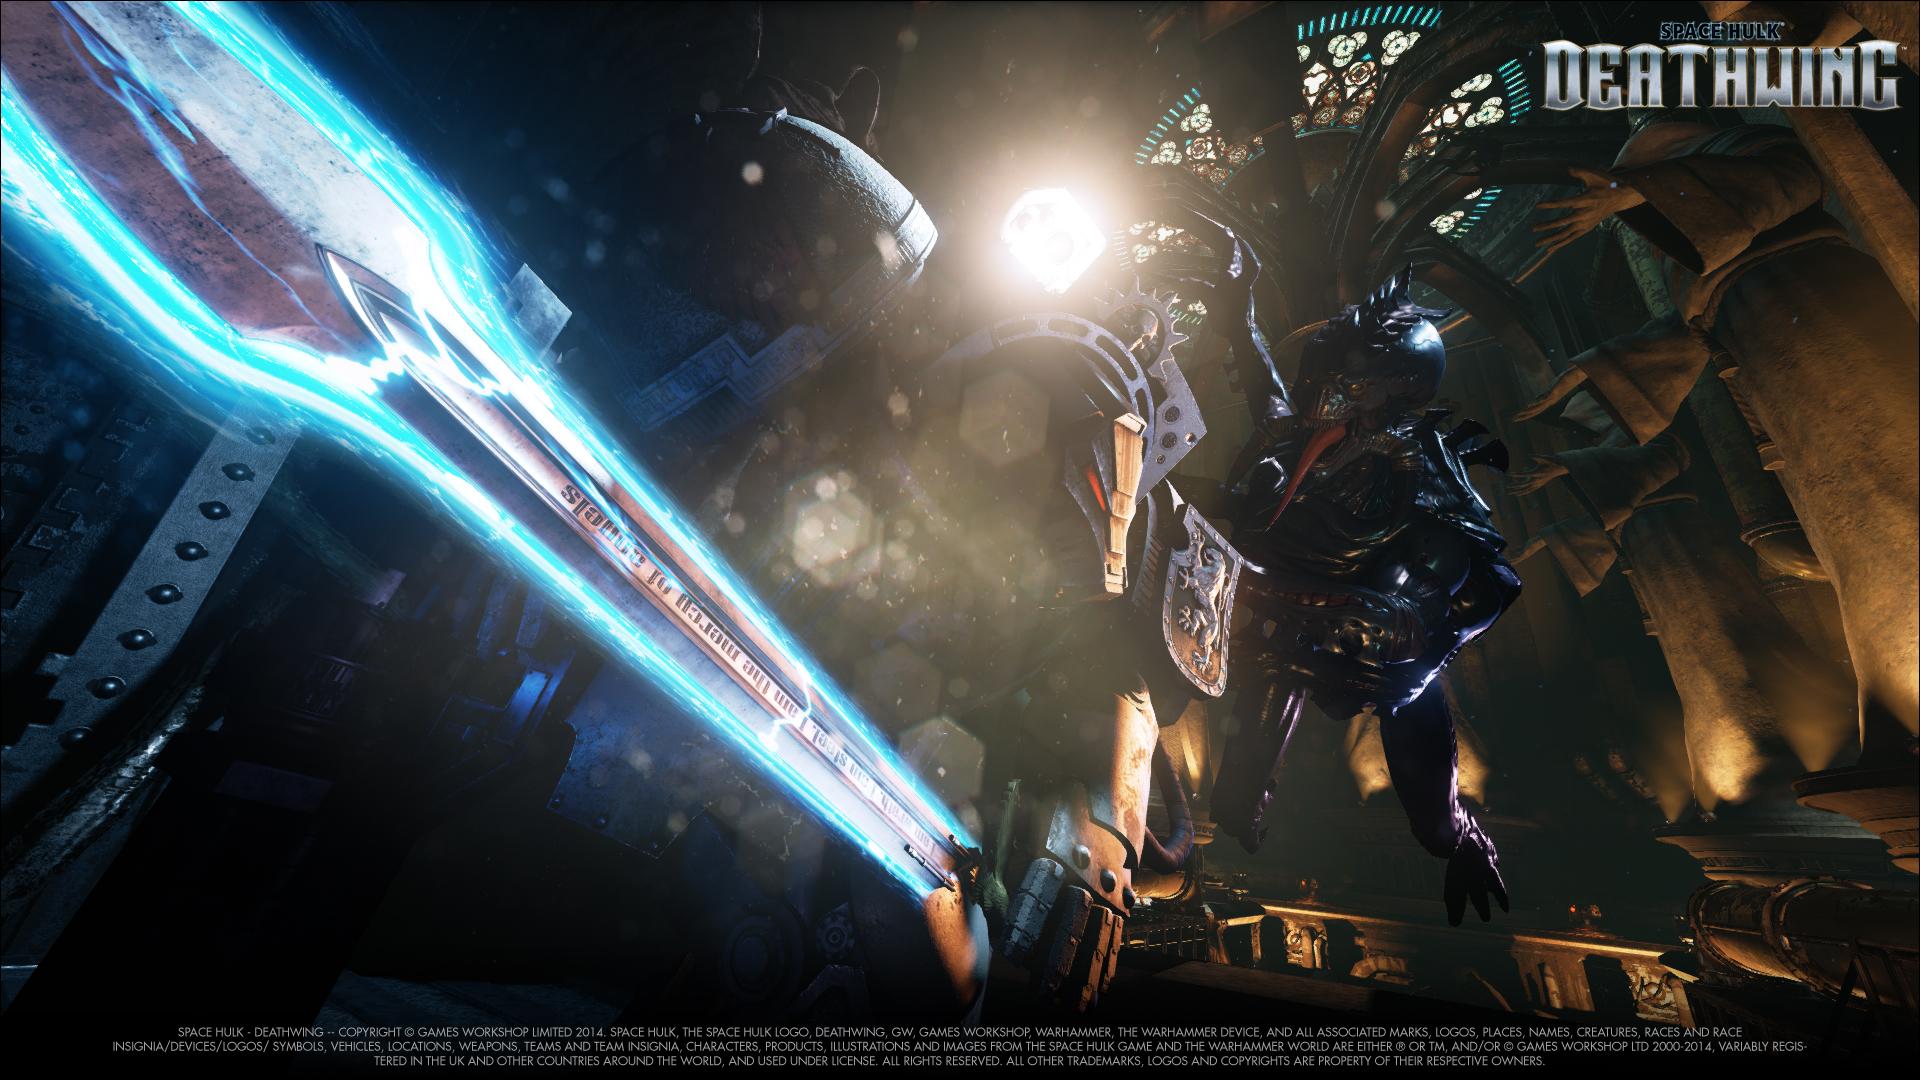 《太空战舰:死亡之翼》游戏截图